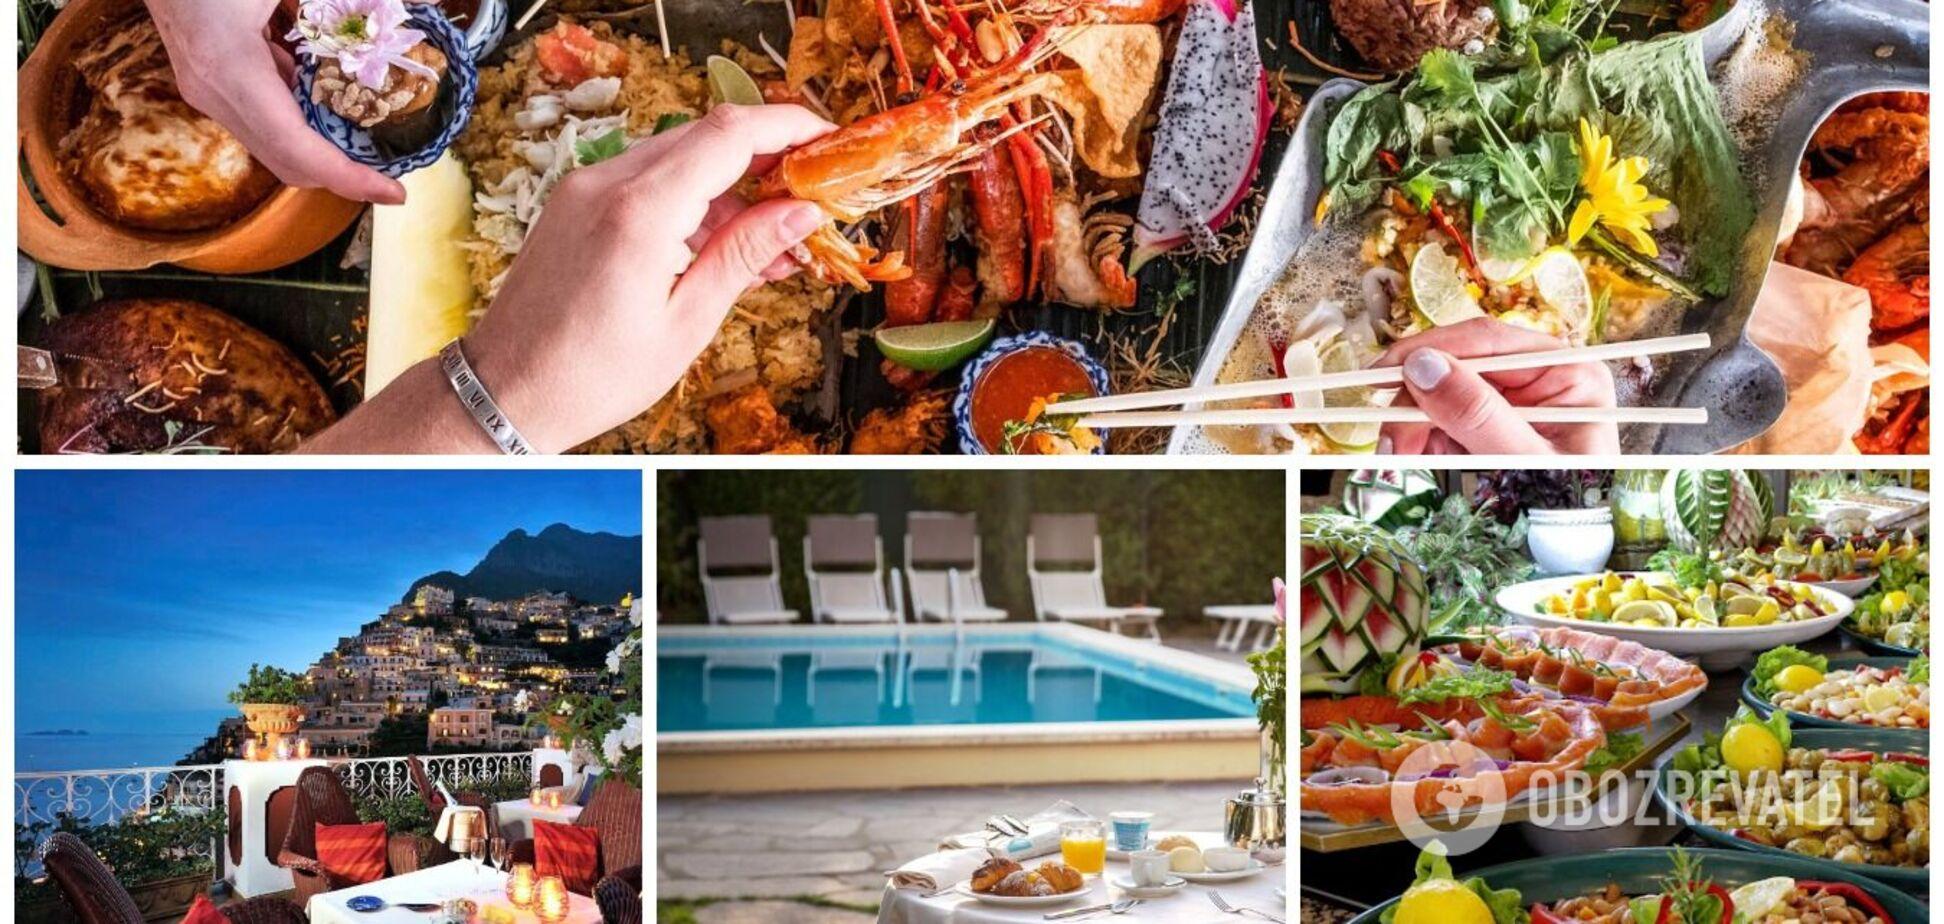 Чим годують туристів у готелях Іспанії, Франції, Болгарії та інших країн світу. Фото